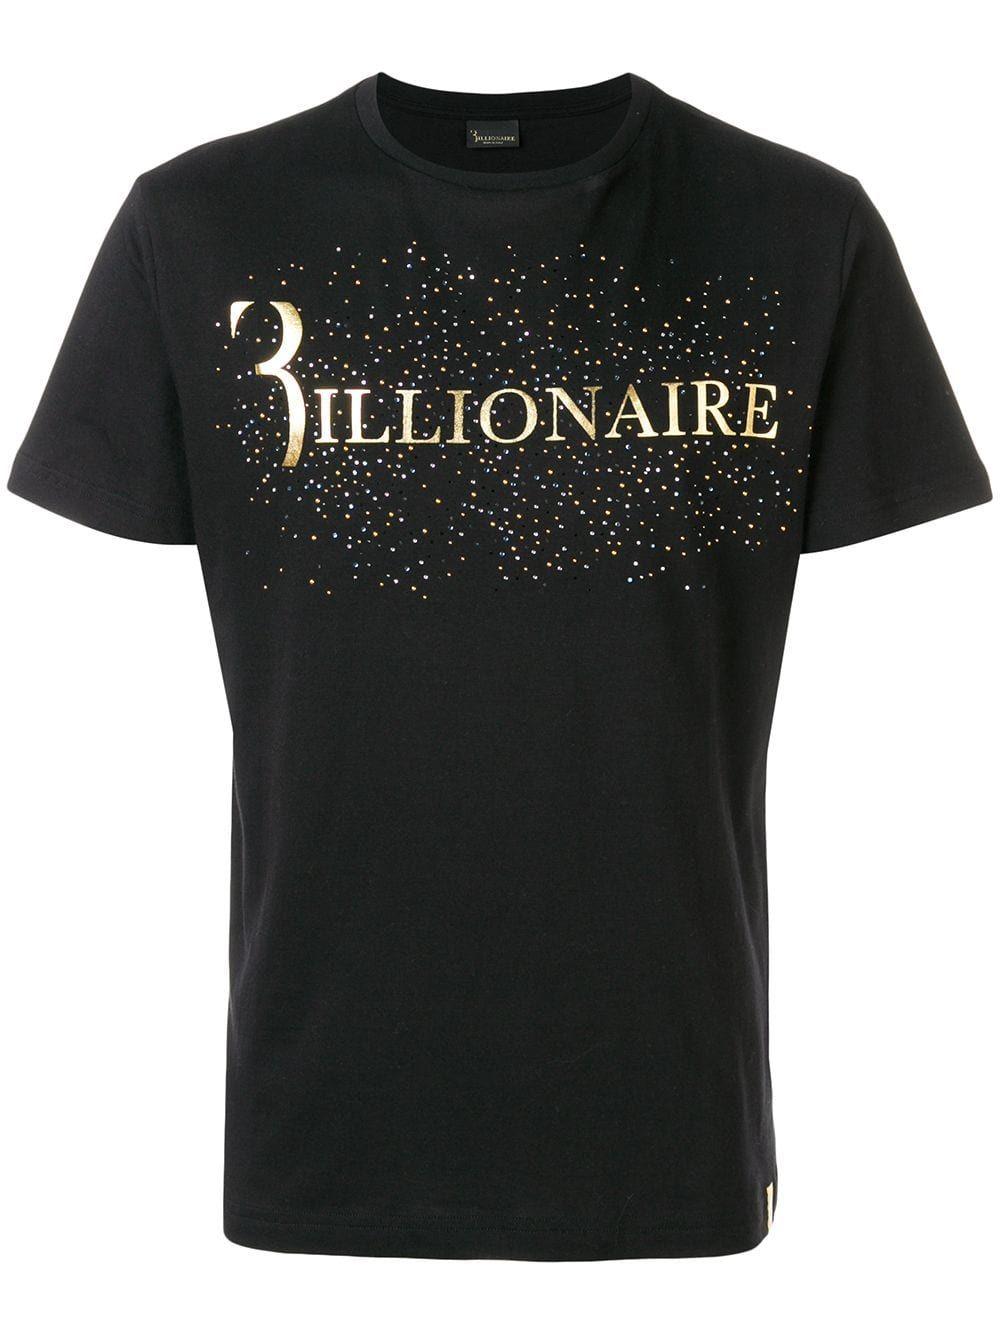 Billionaire Logo Print T Shirt In Black Modesens Cool Shirt Designs Shirt Print Design Tshirt Design Men